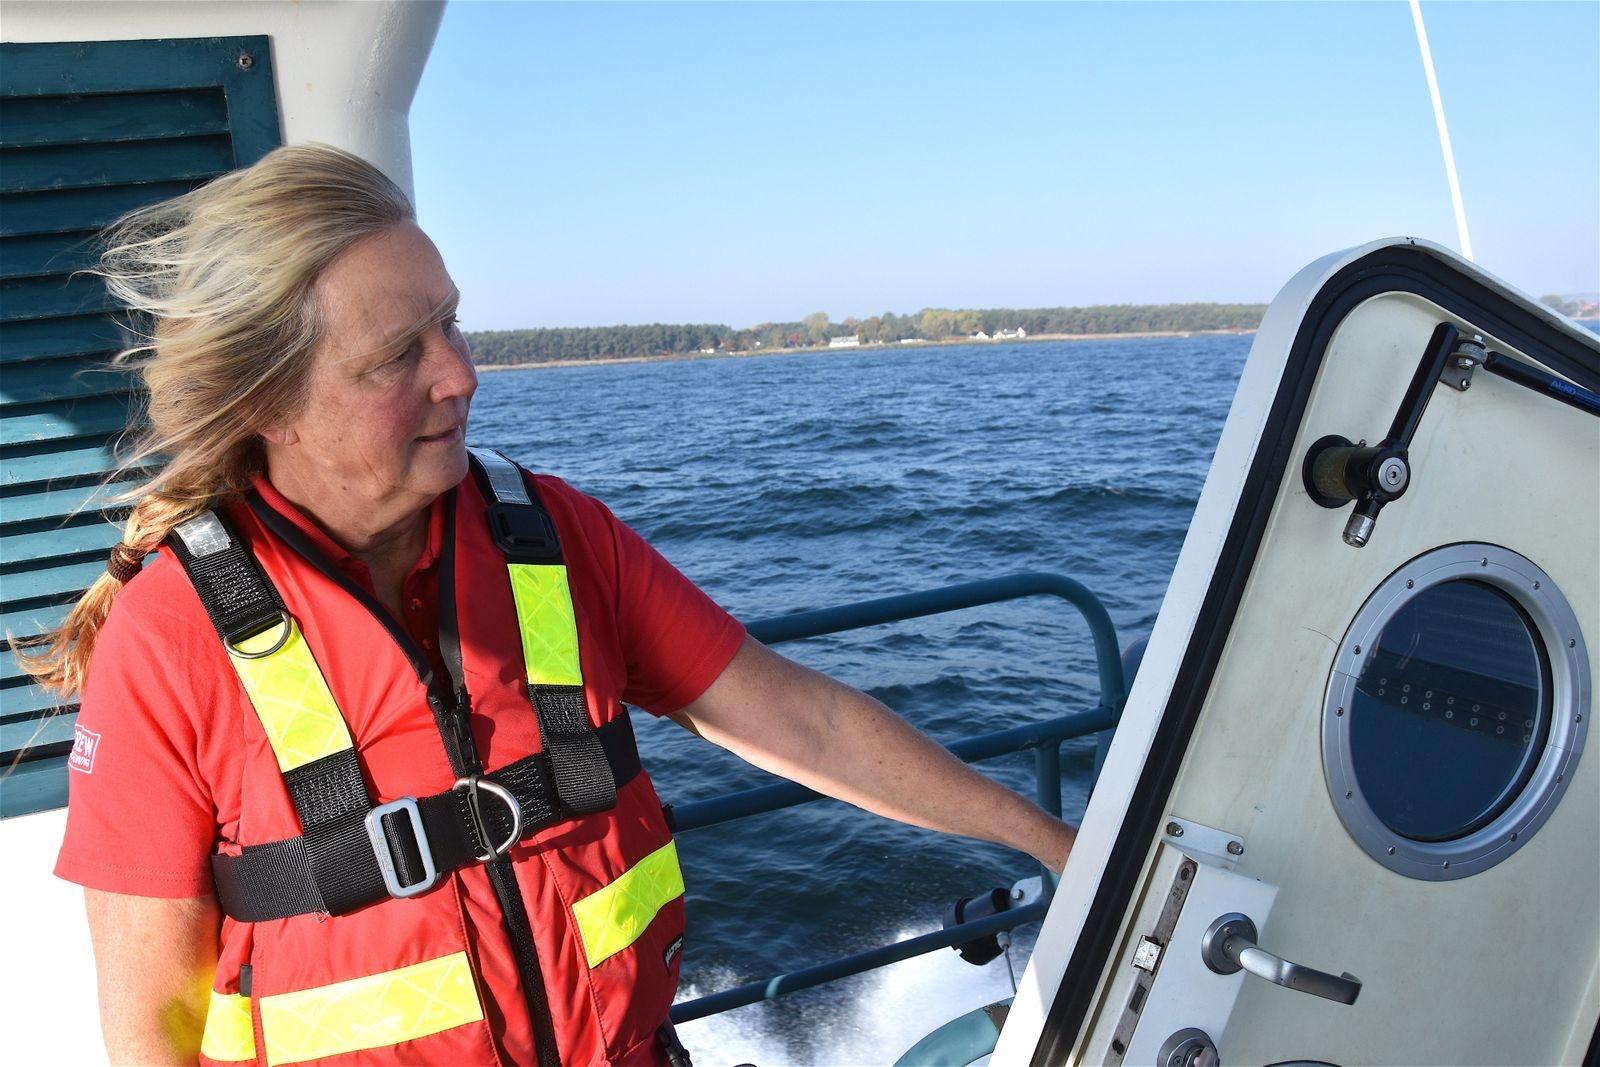 Vinden sliter i Anna Aggers hår ombord på räddningsbåten Gad Rausing. Hon bor och driver verksamhet i Örnahusen och har haft fritidsbåt i många år. För ett och ett halvt år sedan bestämde hon sig för att engagera sig aktivt i Sjöräddningssällskapet.